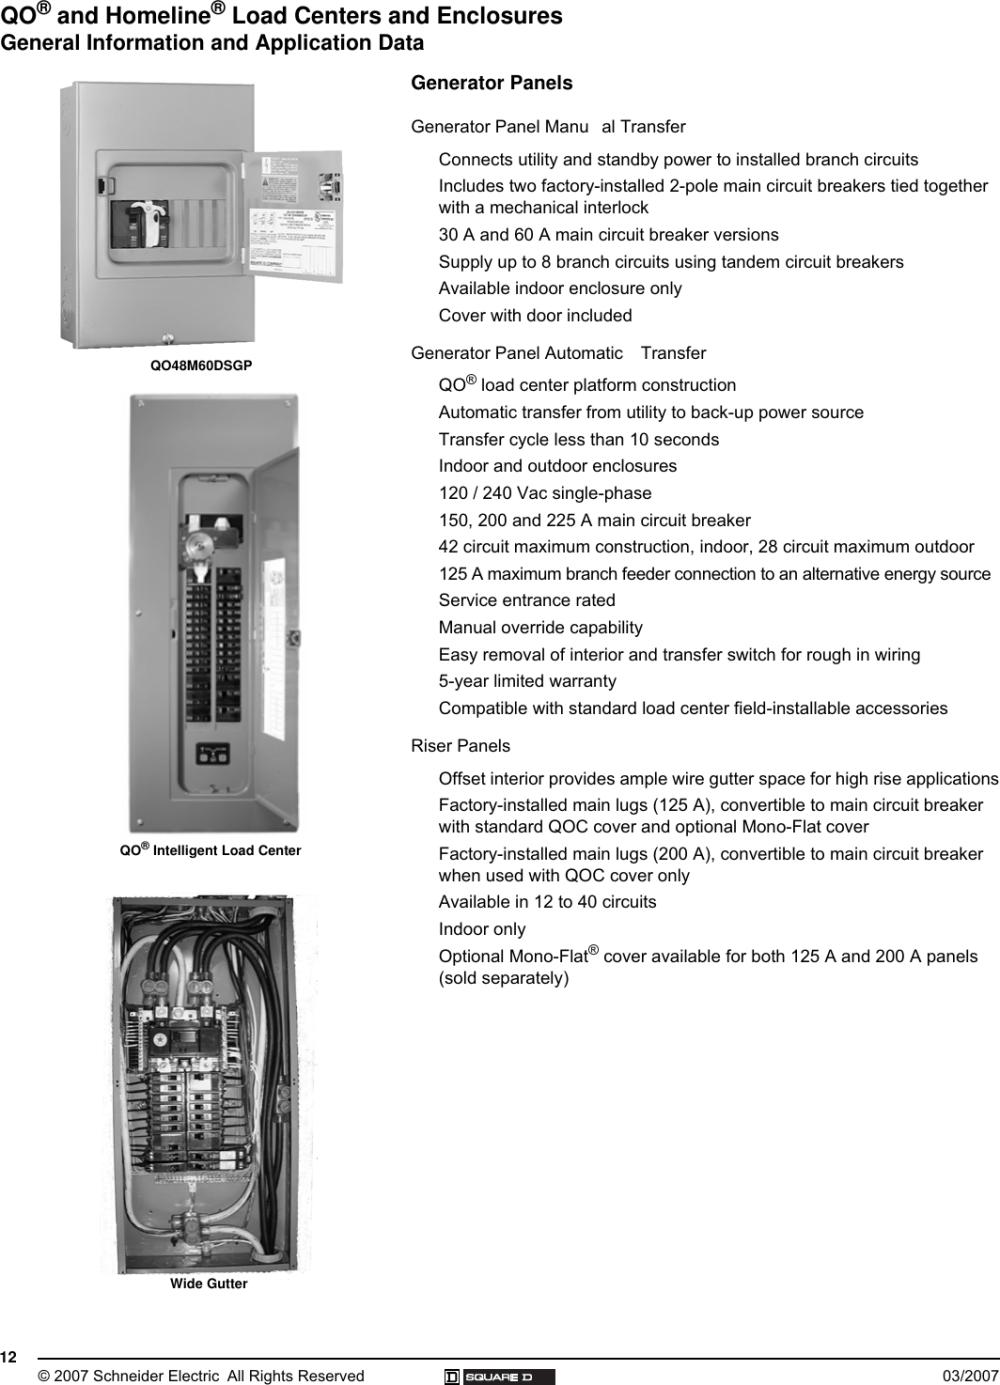 medium resolution of 30a load center wiring diagram